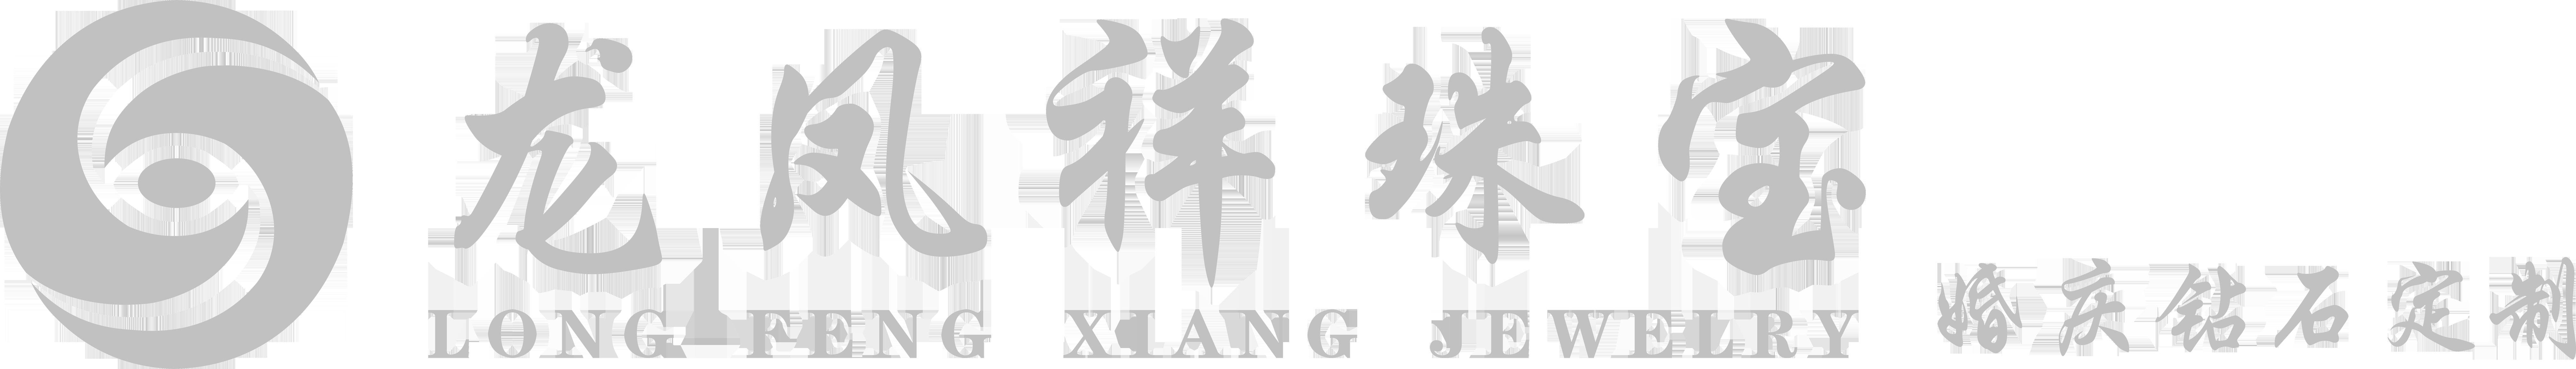 www.kll99.com龙凤祥珠宝